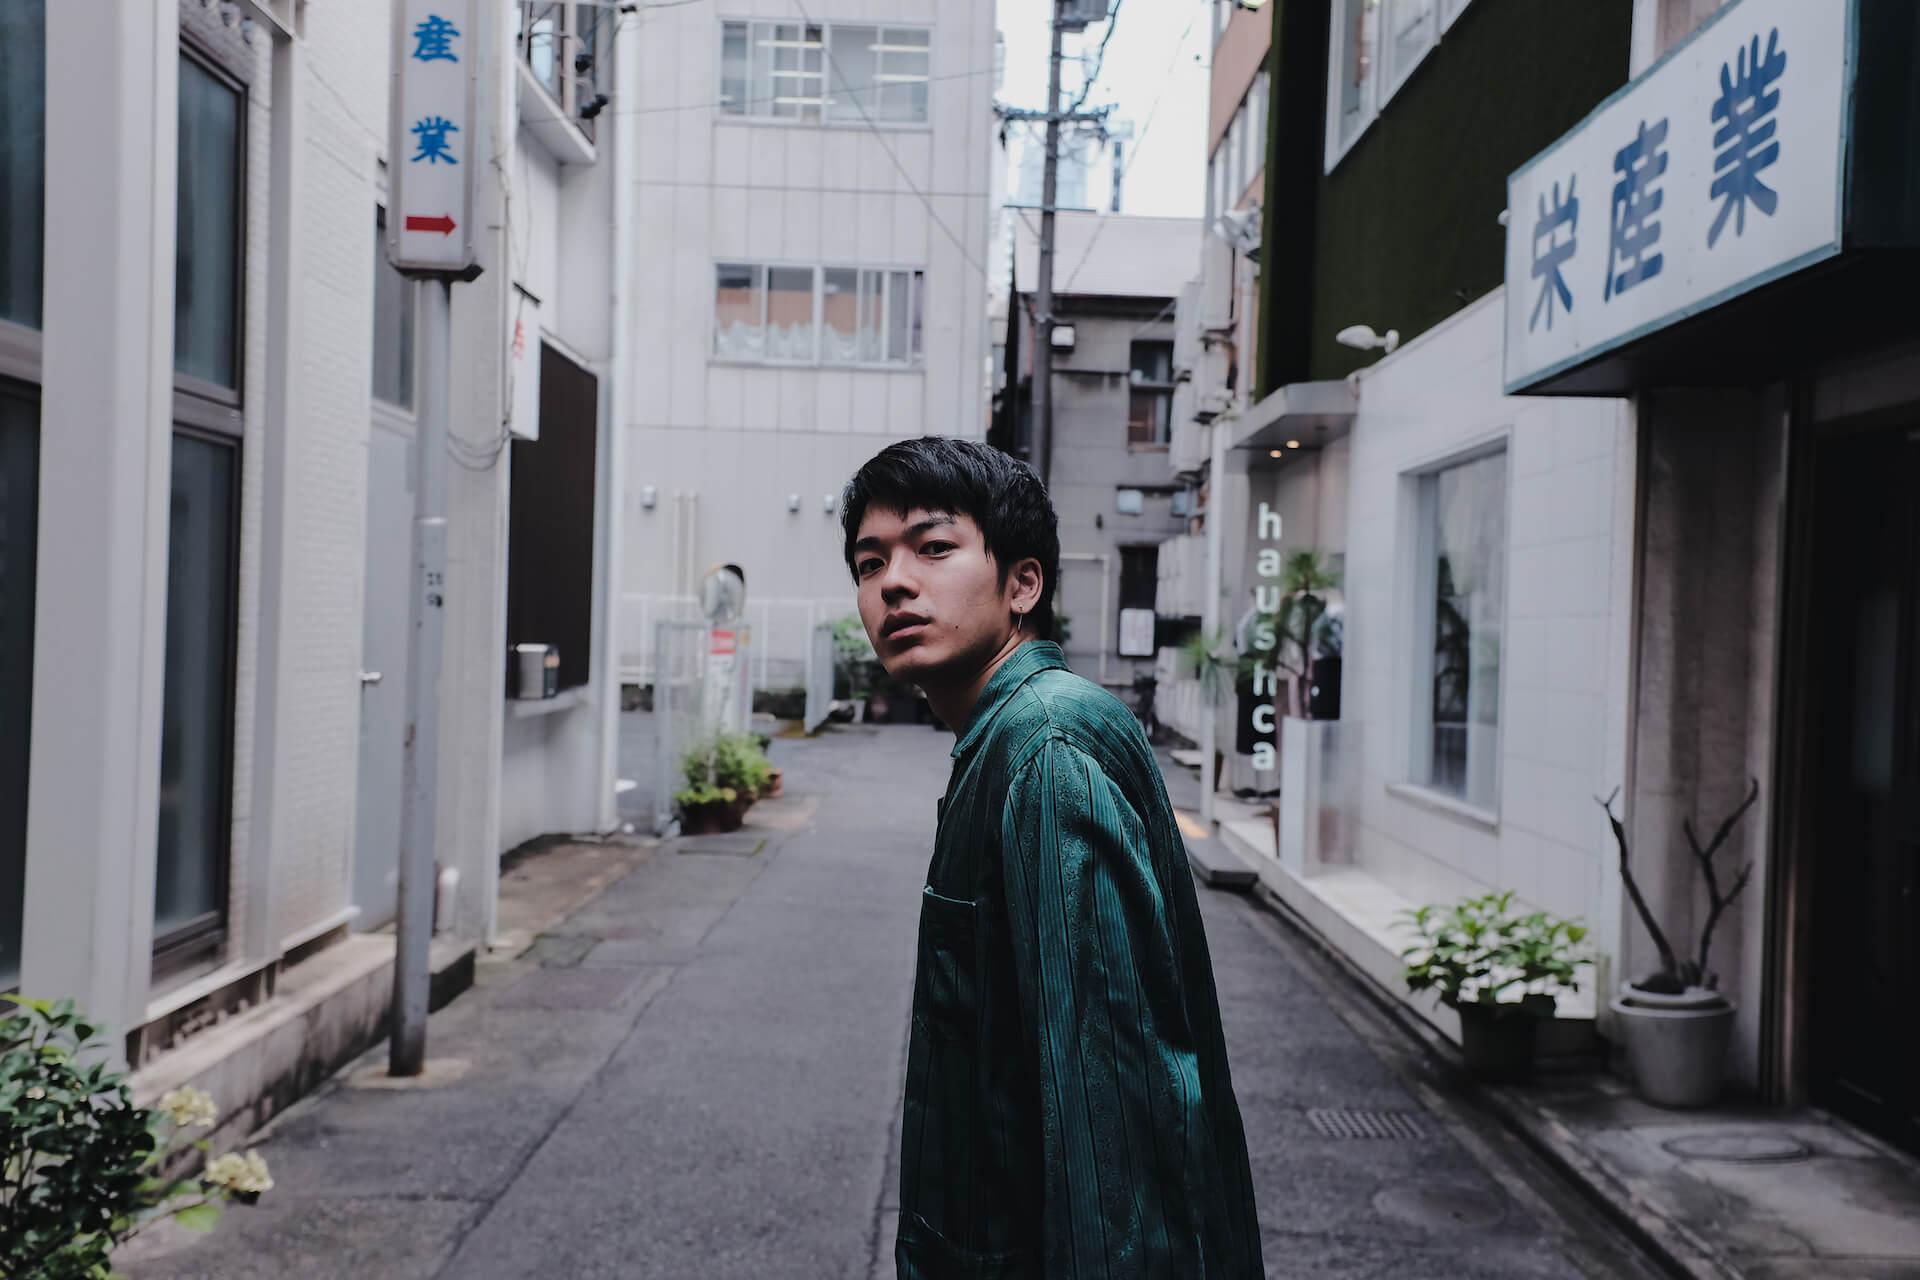 ライター・黒田隆憲が<フジロック '21>初登場組の注目10アーティストを紹介! column210802_fujirock-debut-07